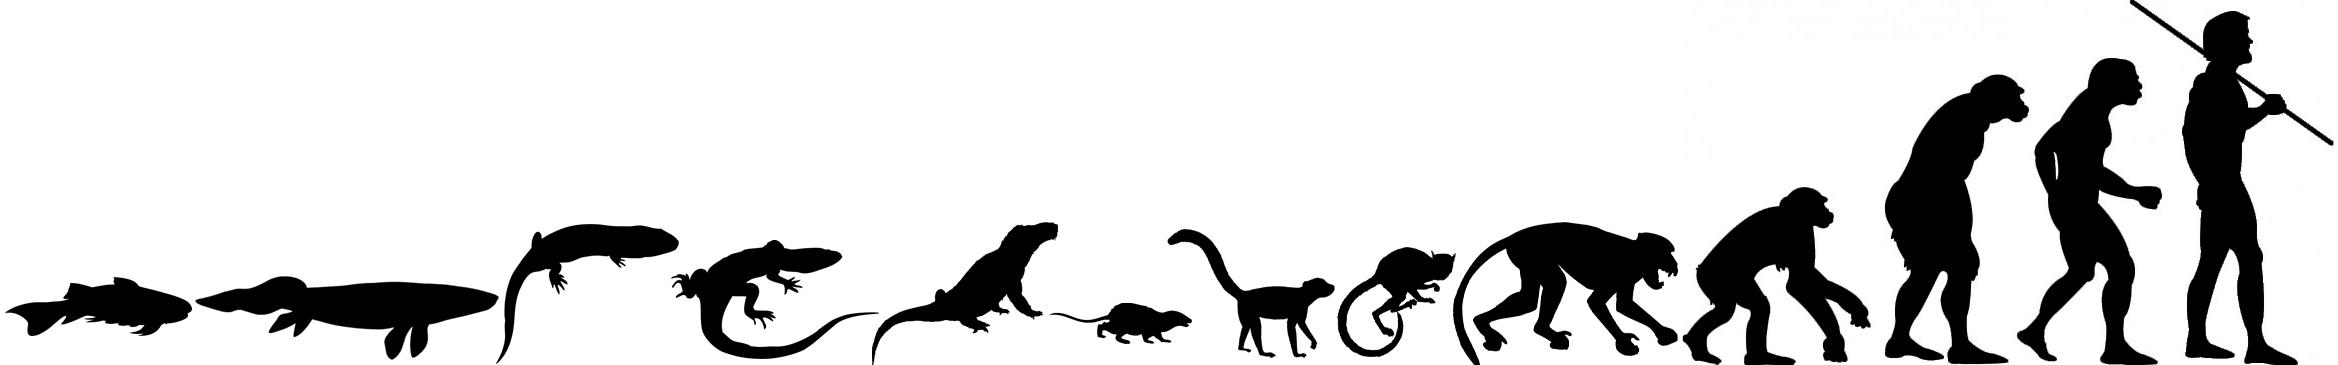 2338x365 Human Evolution Timeline Picture Evolution